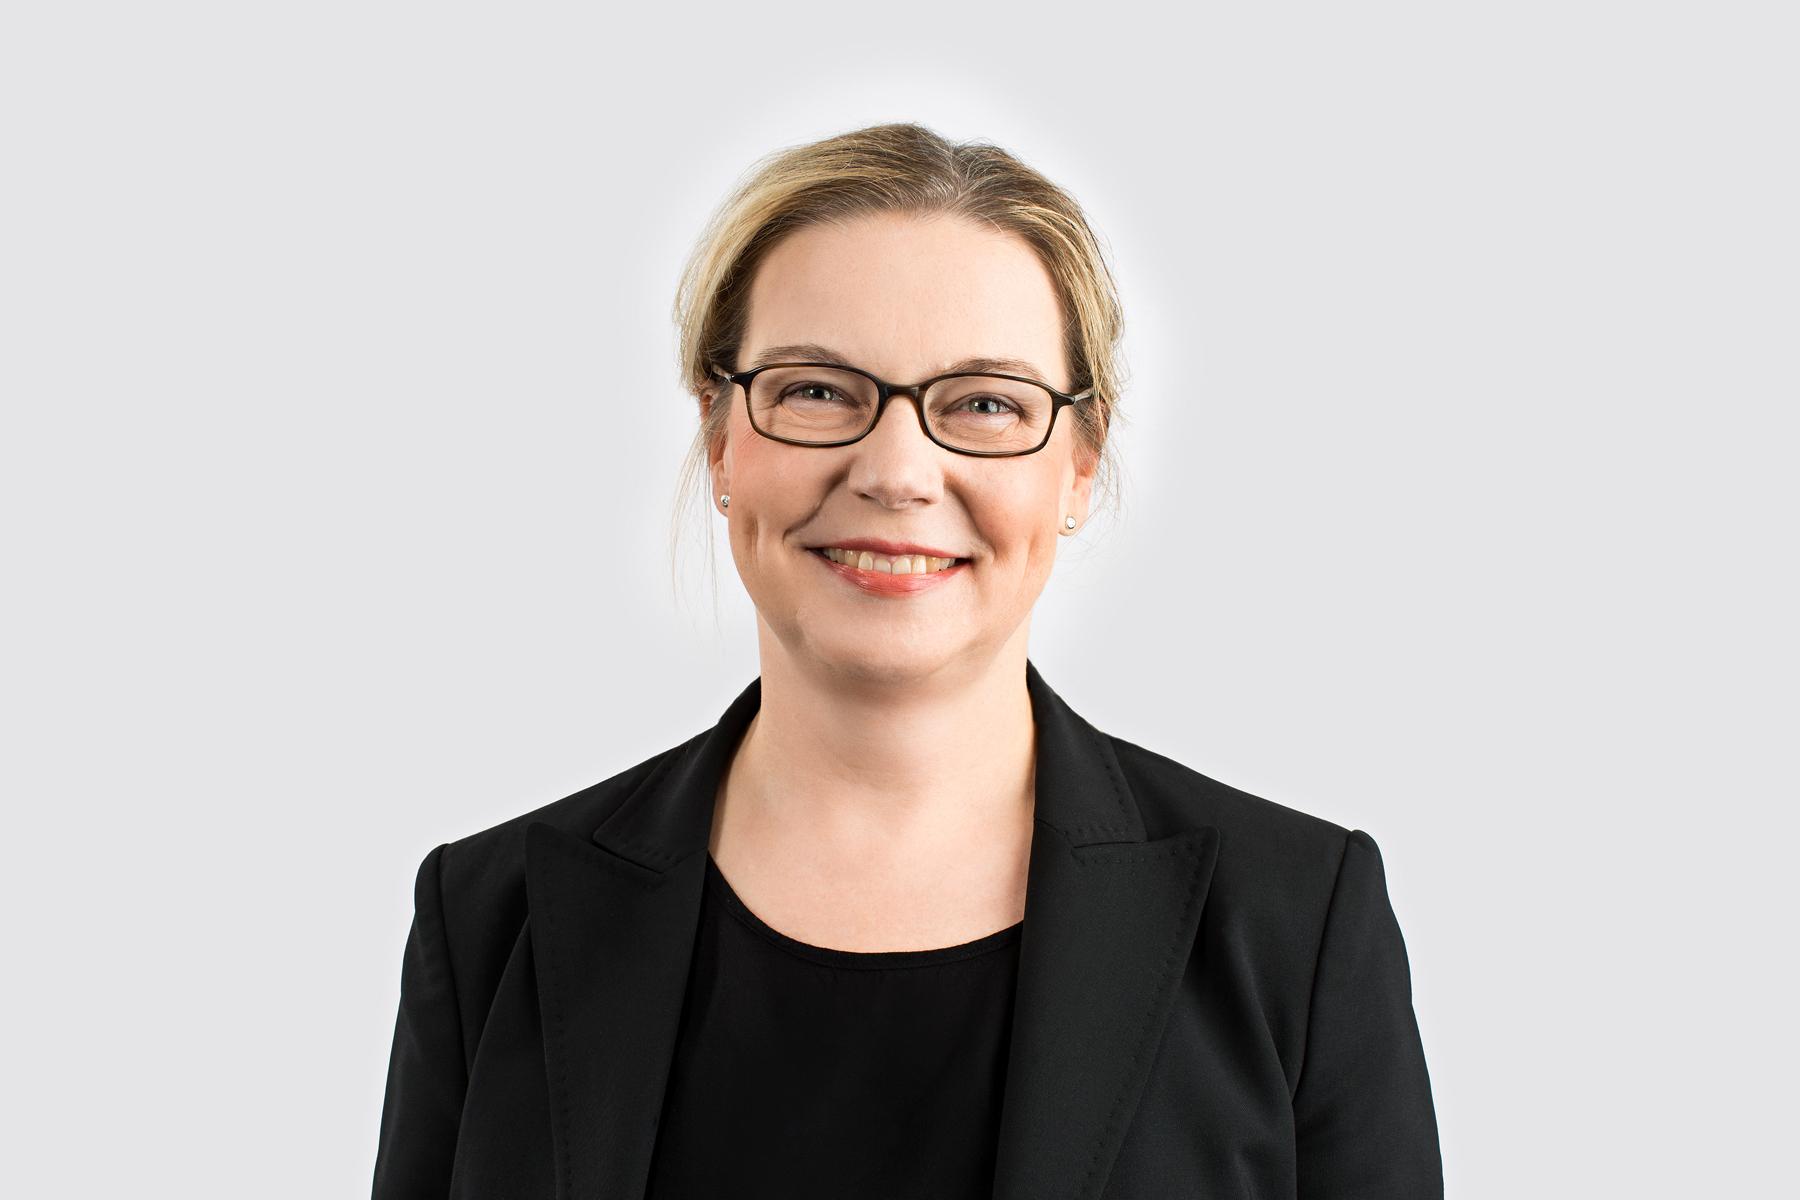 Christiane Dähn